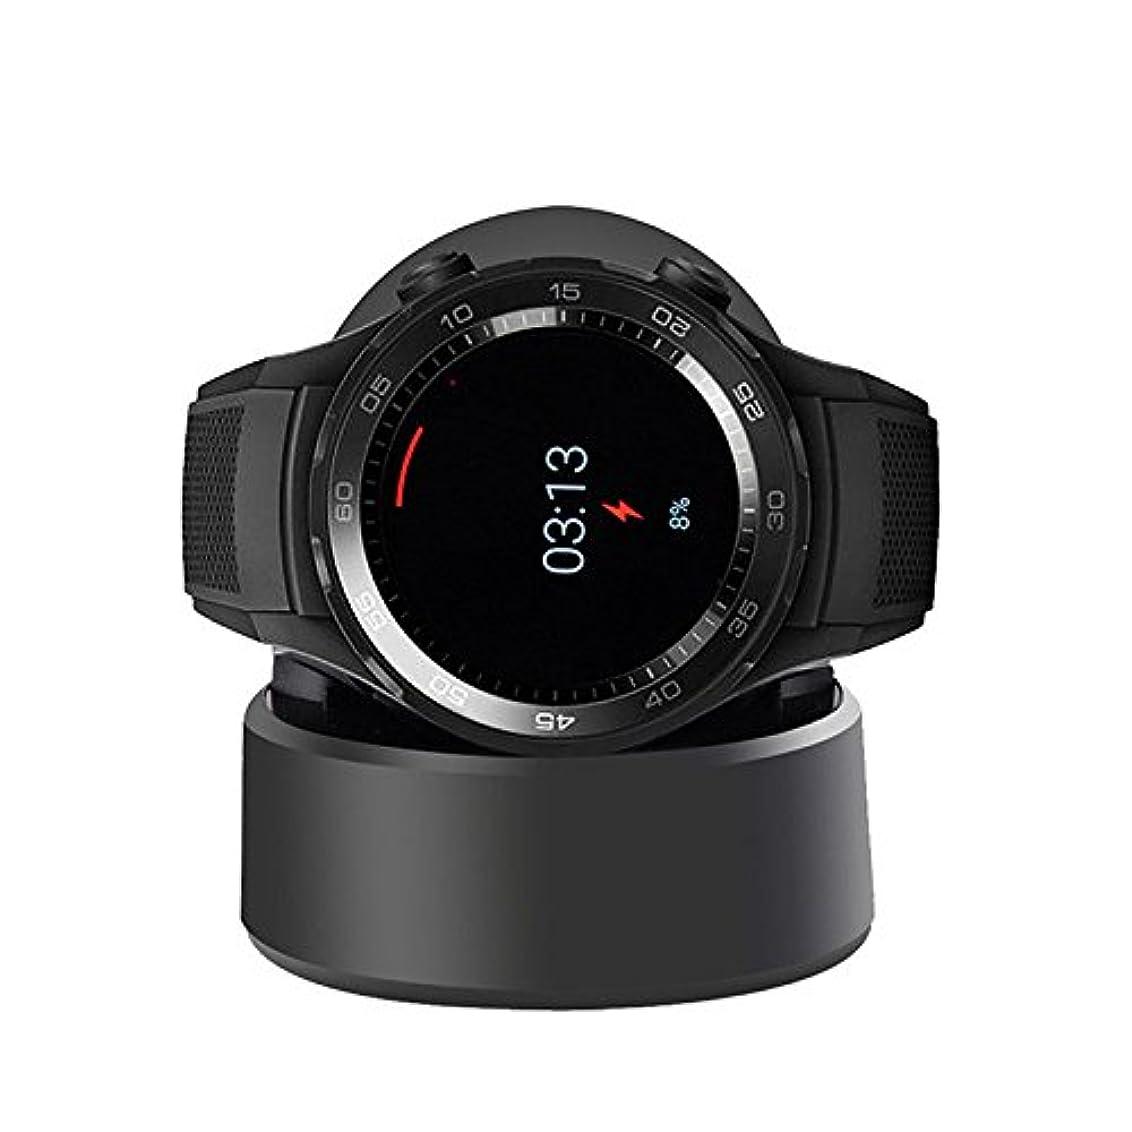 ひいきにするメディカルエリートUSB充電チャージ用ケーブル配線 充電ケーブル/充電交換用のUSB充電配線 Huawei Watch 2用